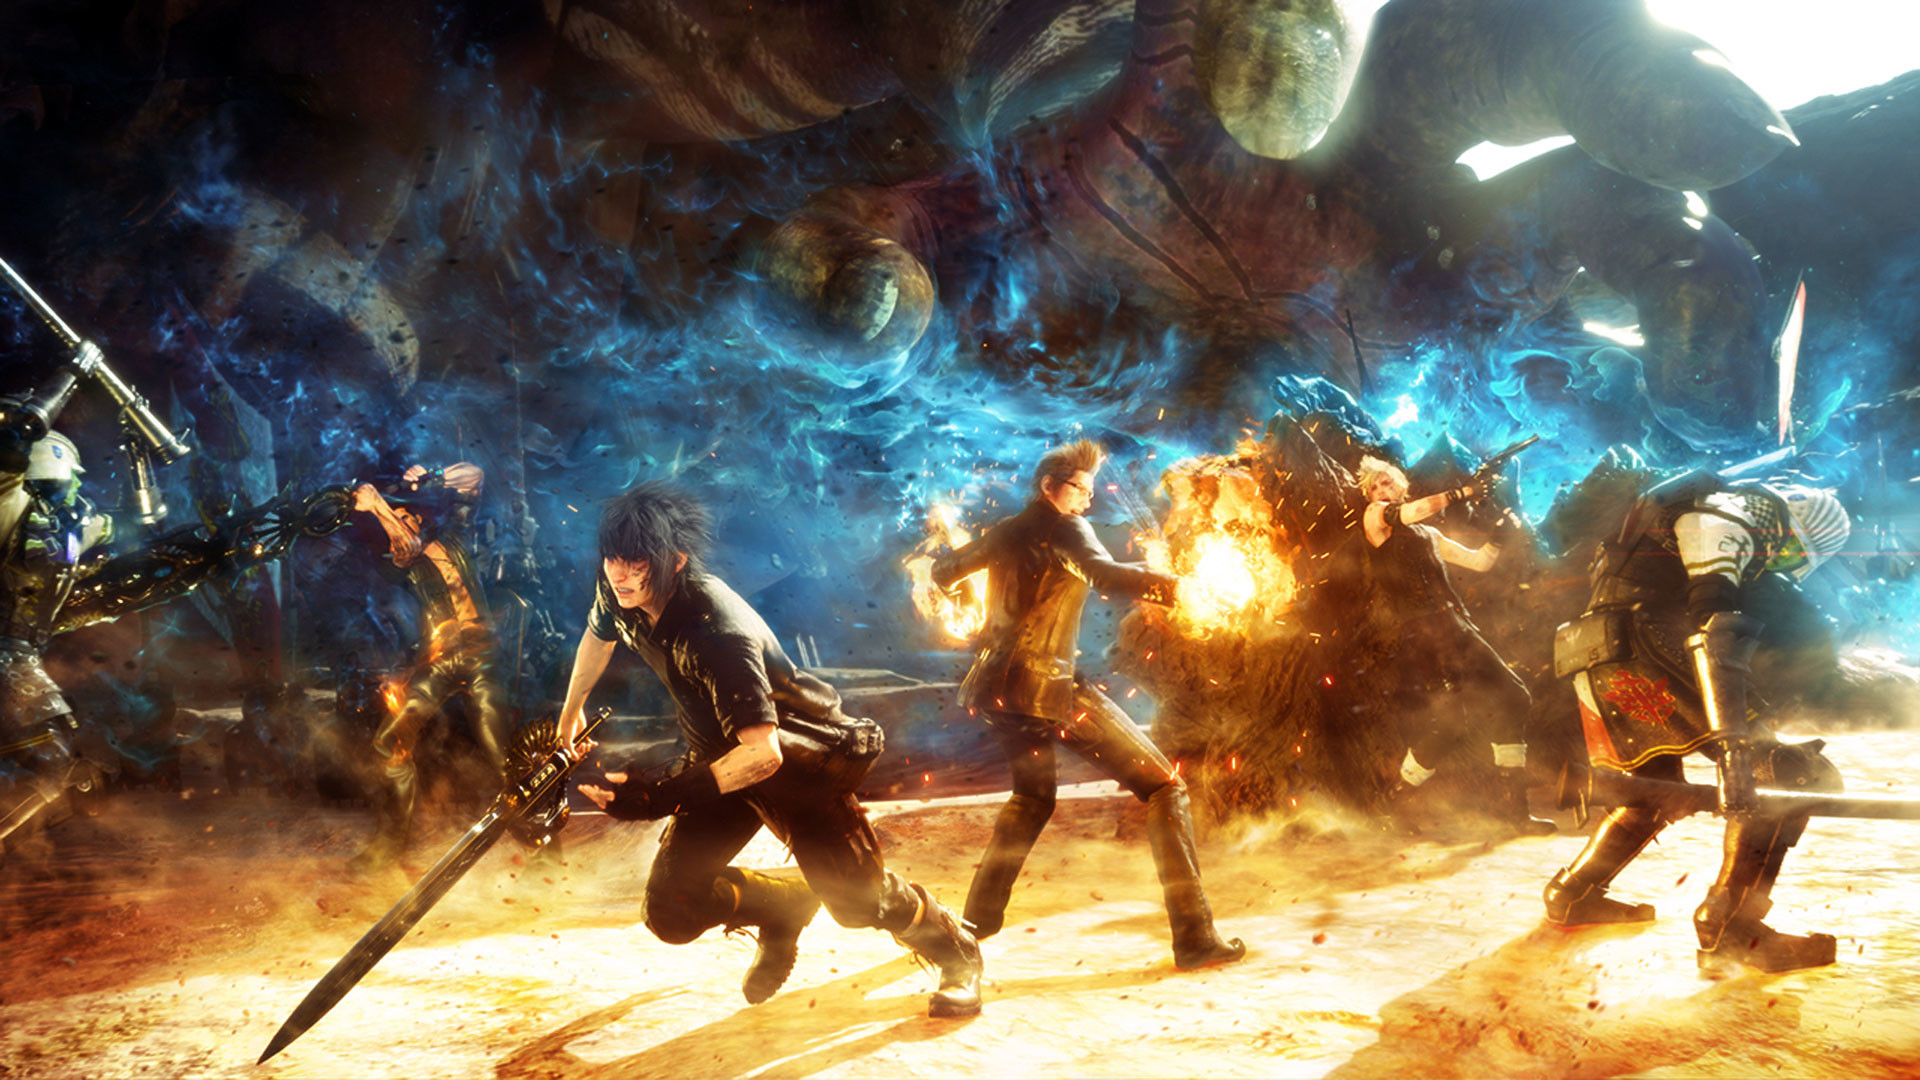 … Final Fantasy XV 1080p Wallpaper …